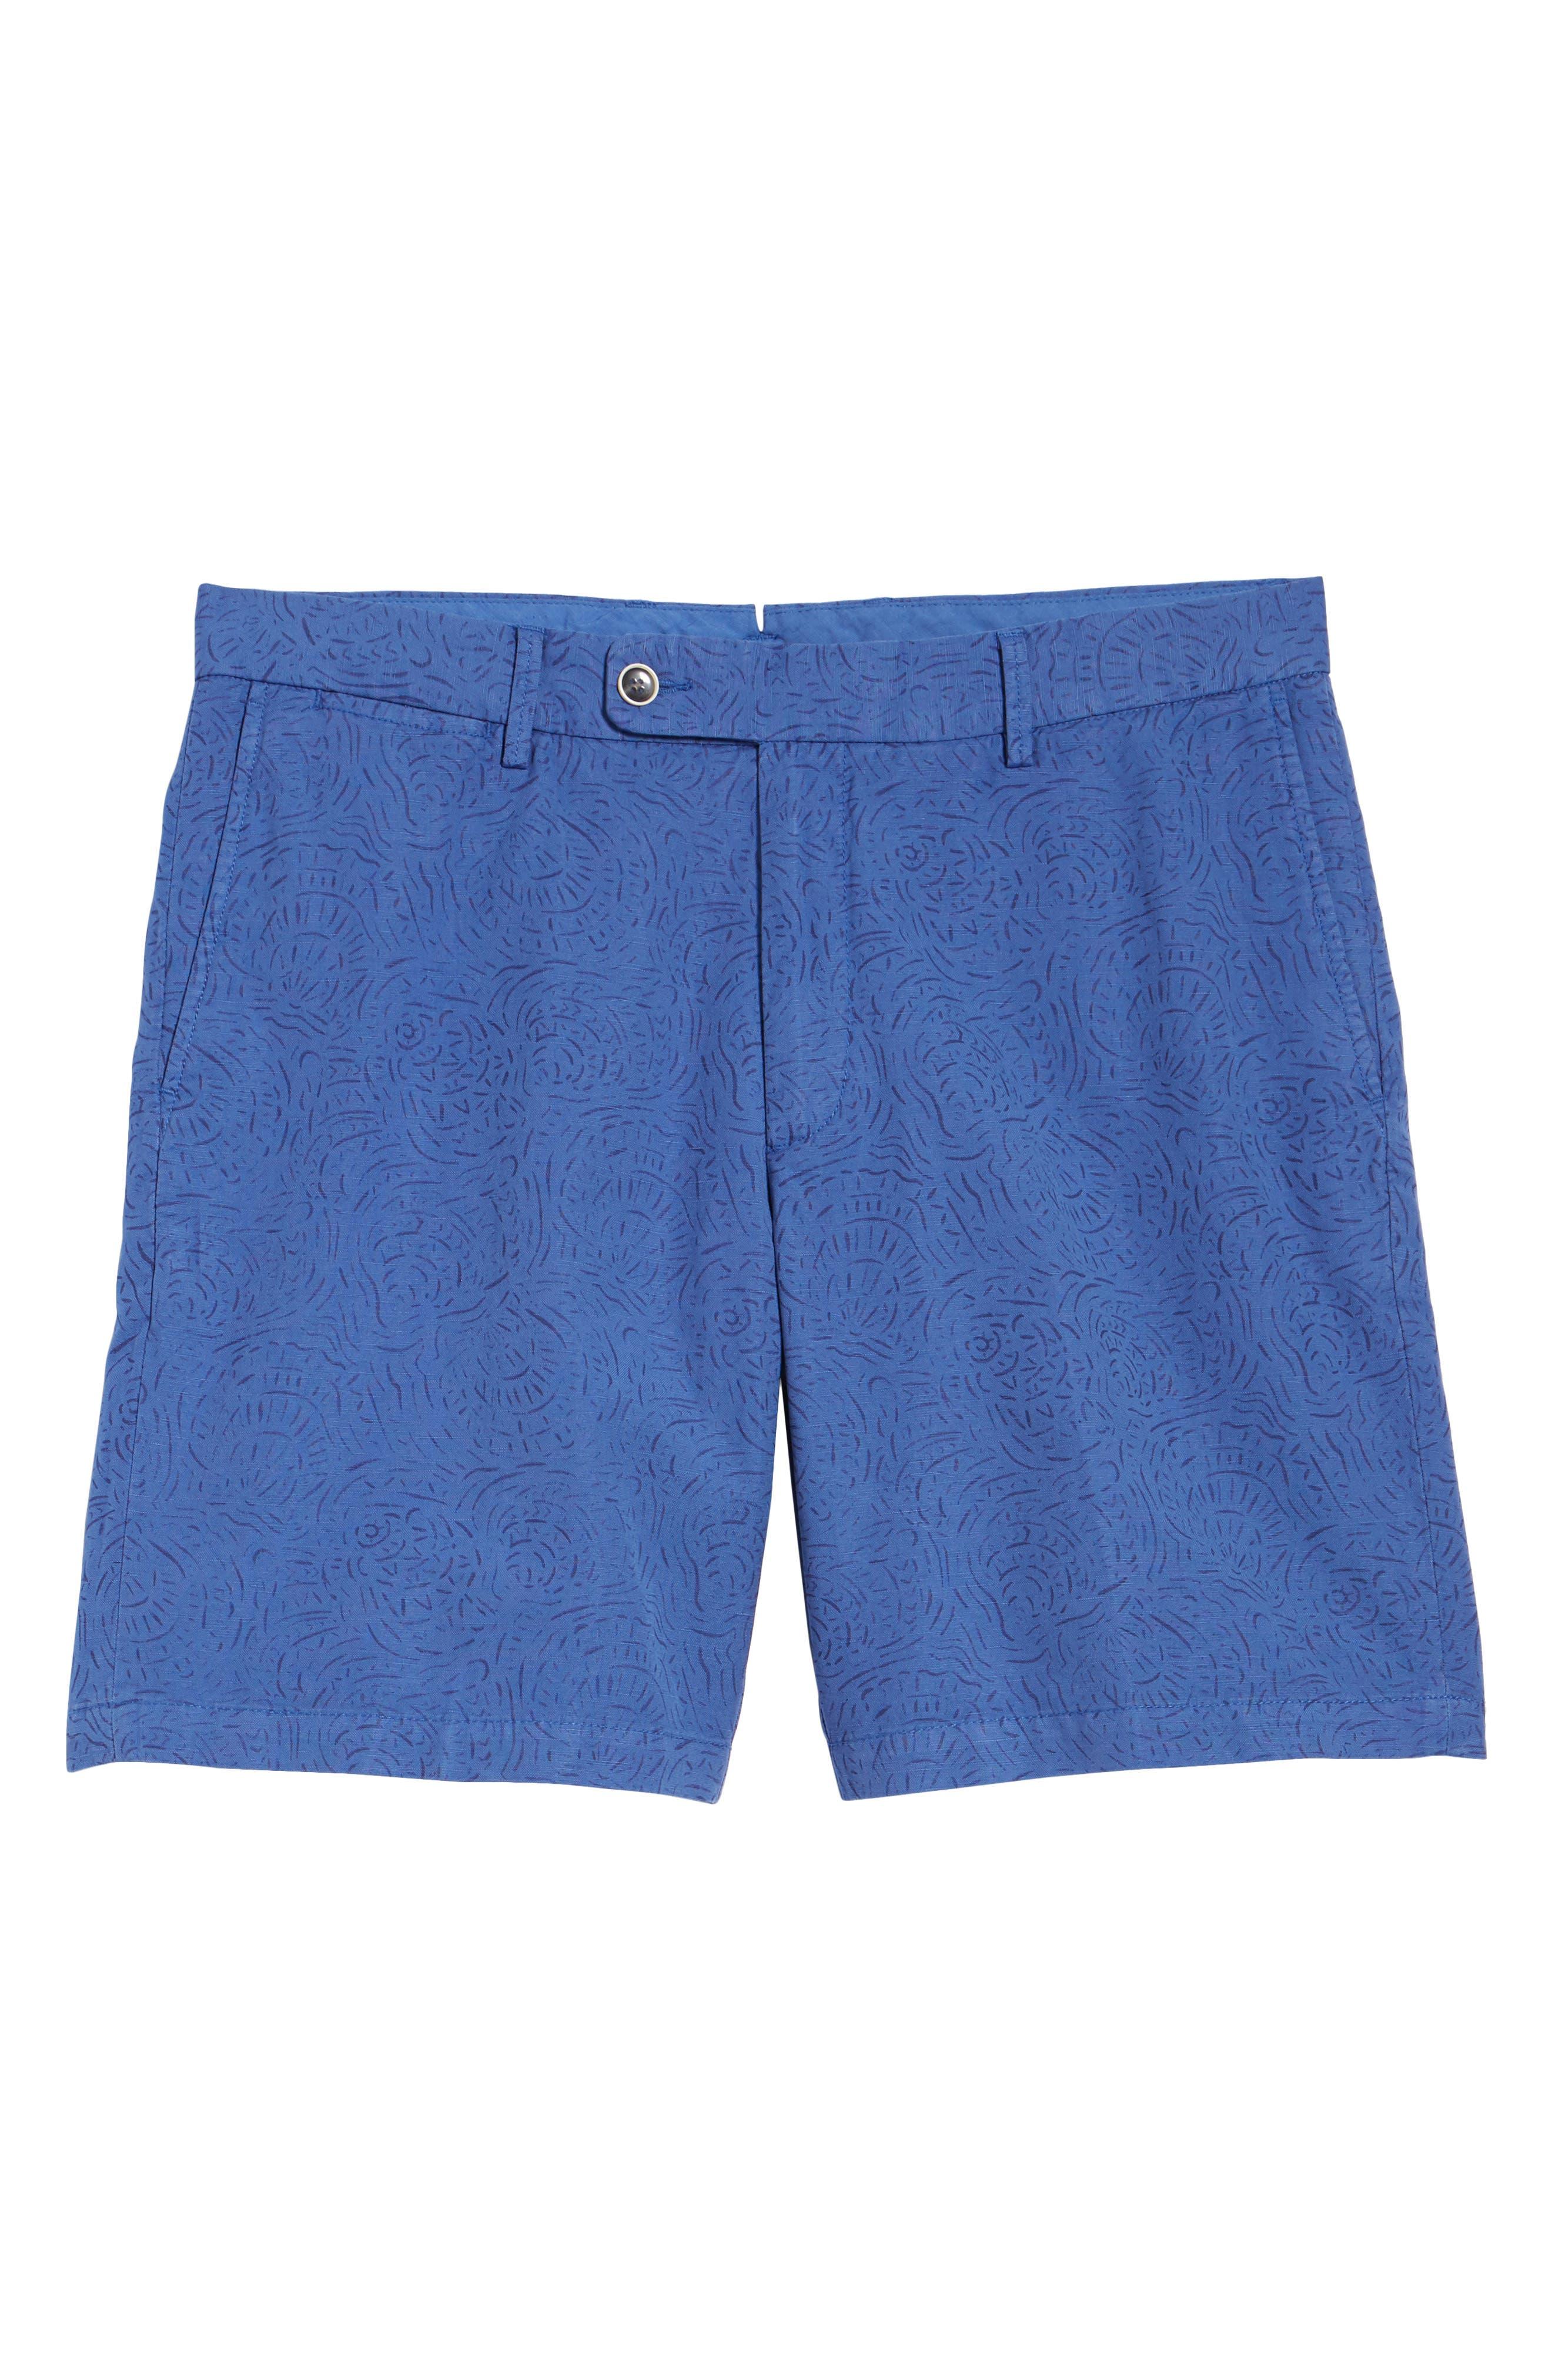 Seaside Tidal Print Shorts,                             Alternate thumbnail 6, color,                             BONNET